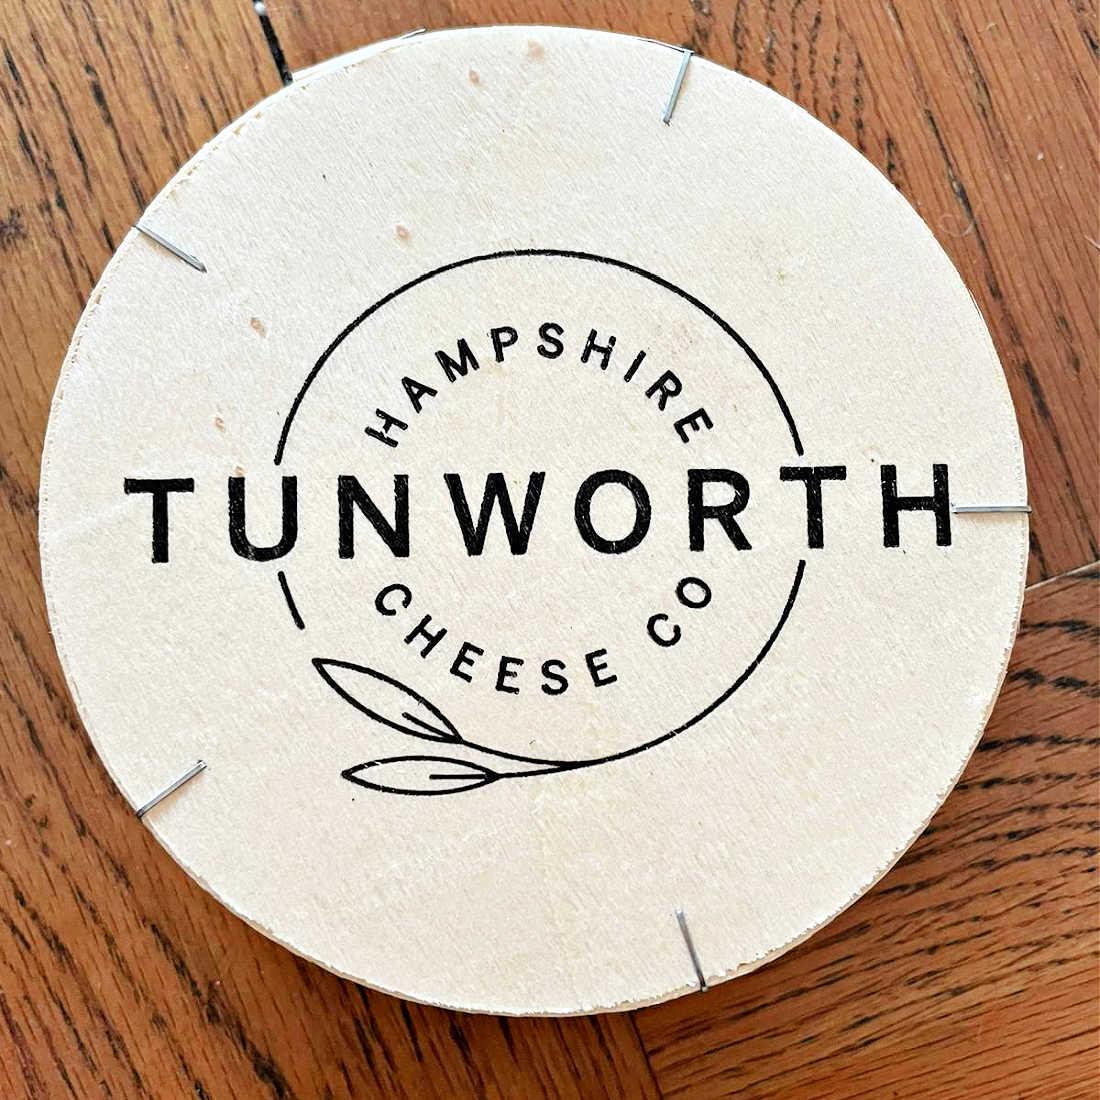 Tunoworth-in-box